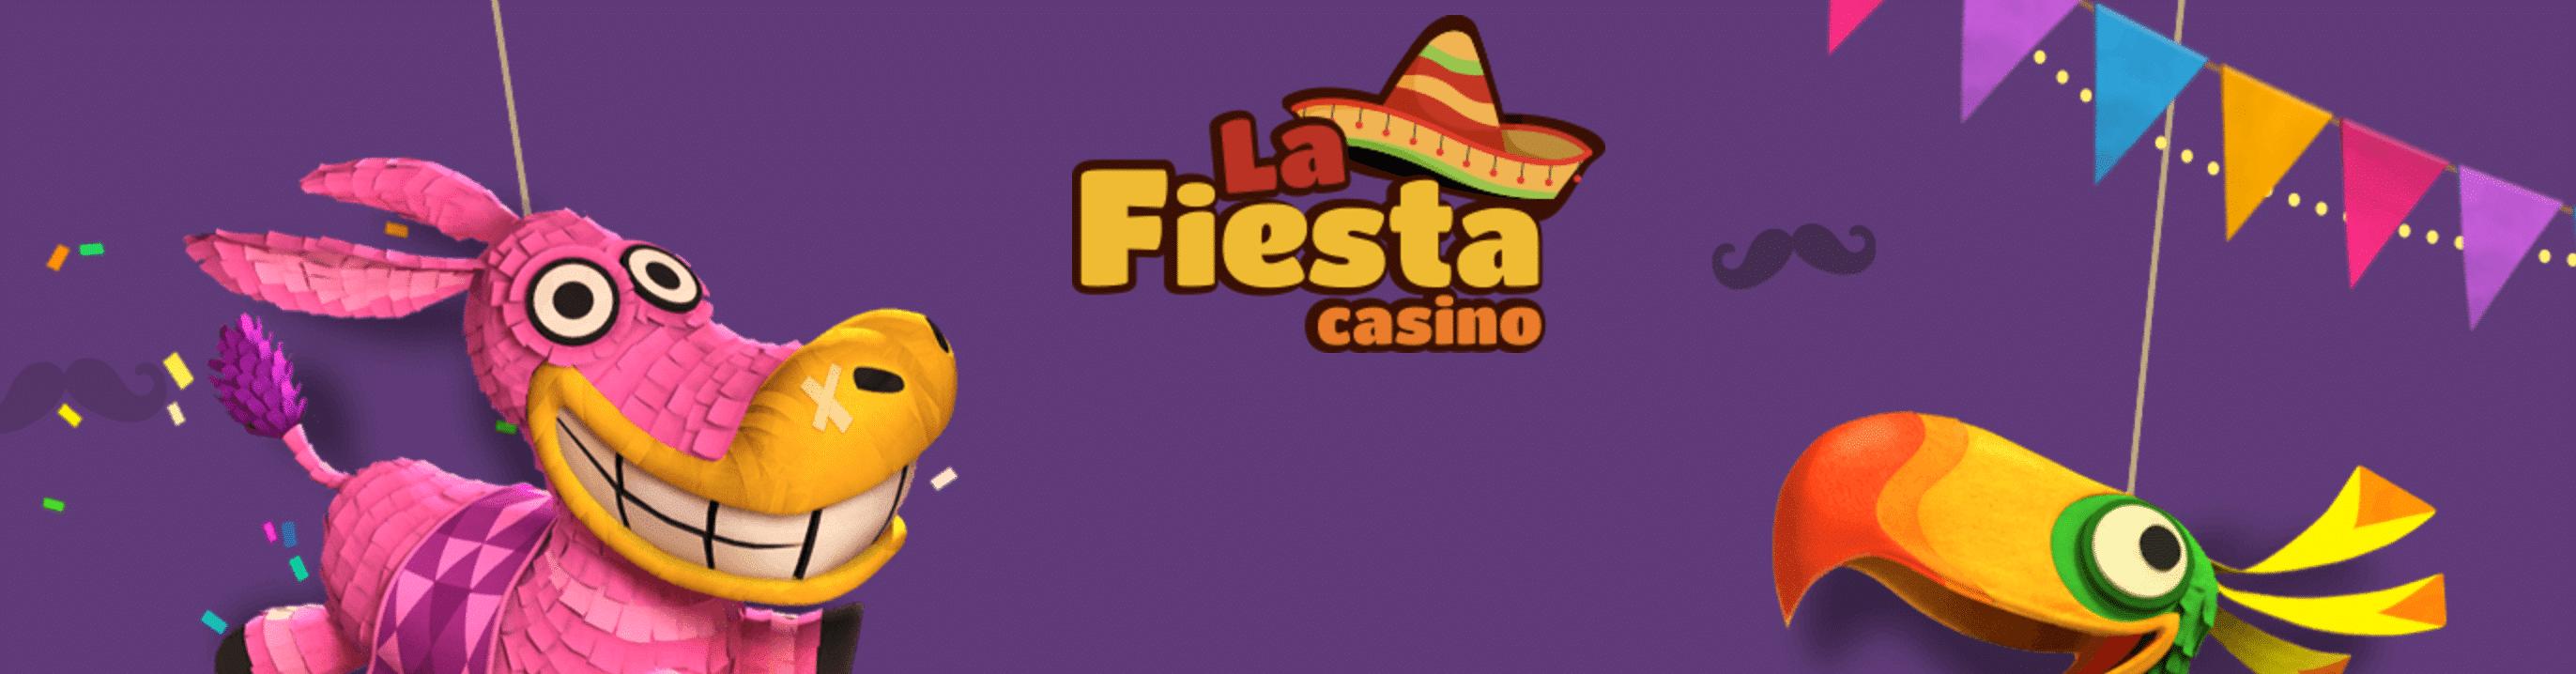 Låt festen starta med La Fiesta Casino